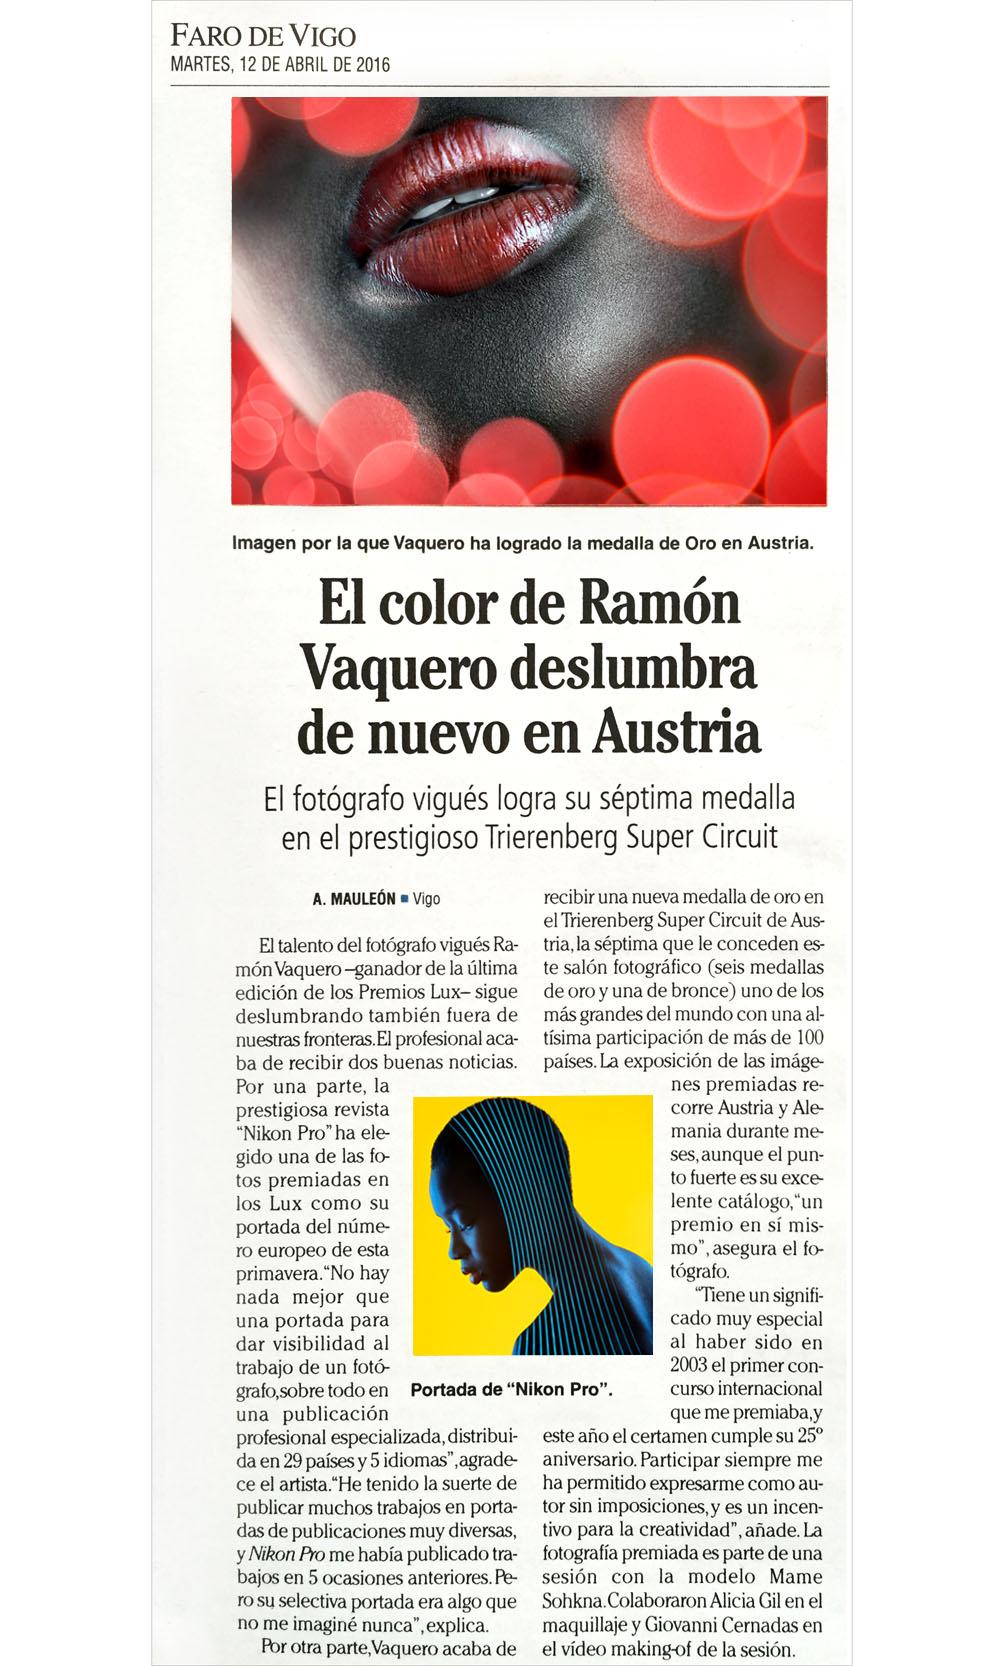 Ramon Vaquero _ faro de vigo_trierenberg_nikon pro